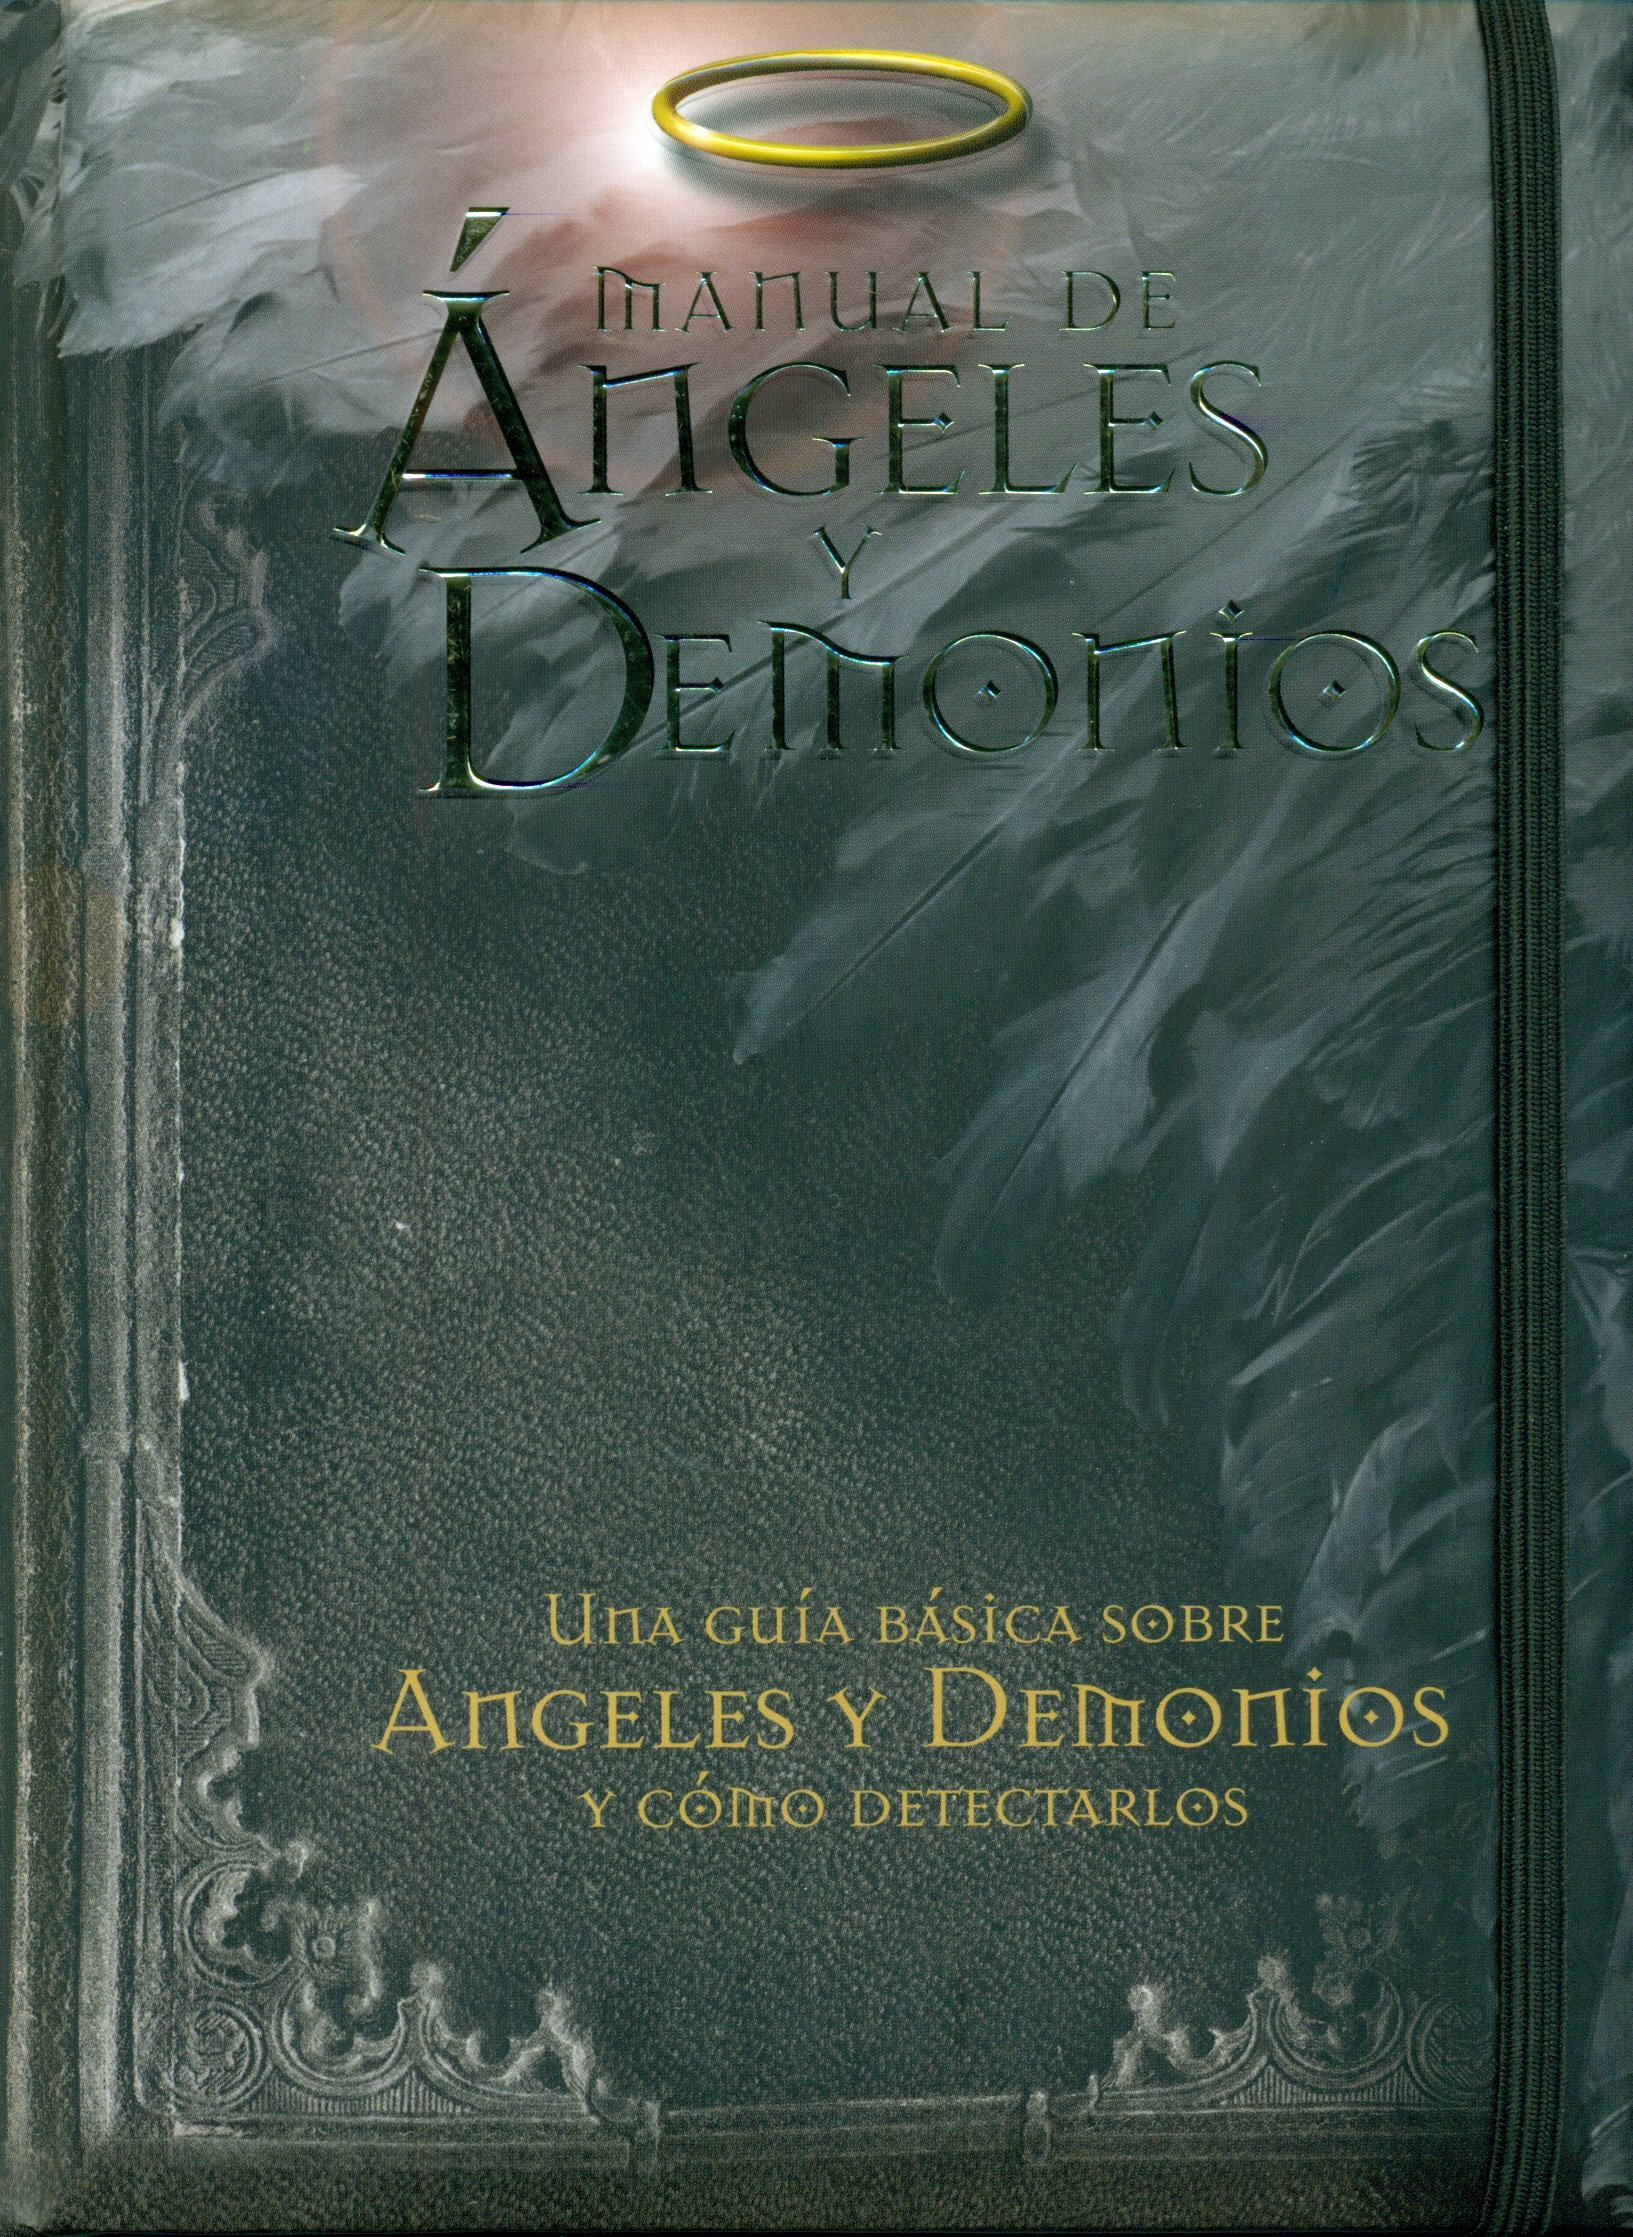 Manual de ángeles y demonios: Una guía básica sobre ángeles y demonios y cómo detectarlos: Amazon.es: AAVV: Libros